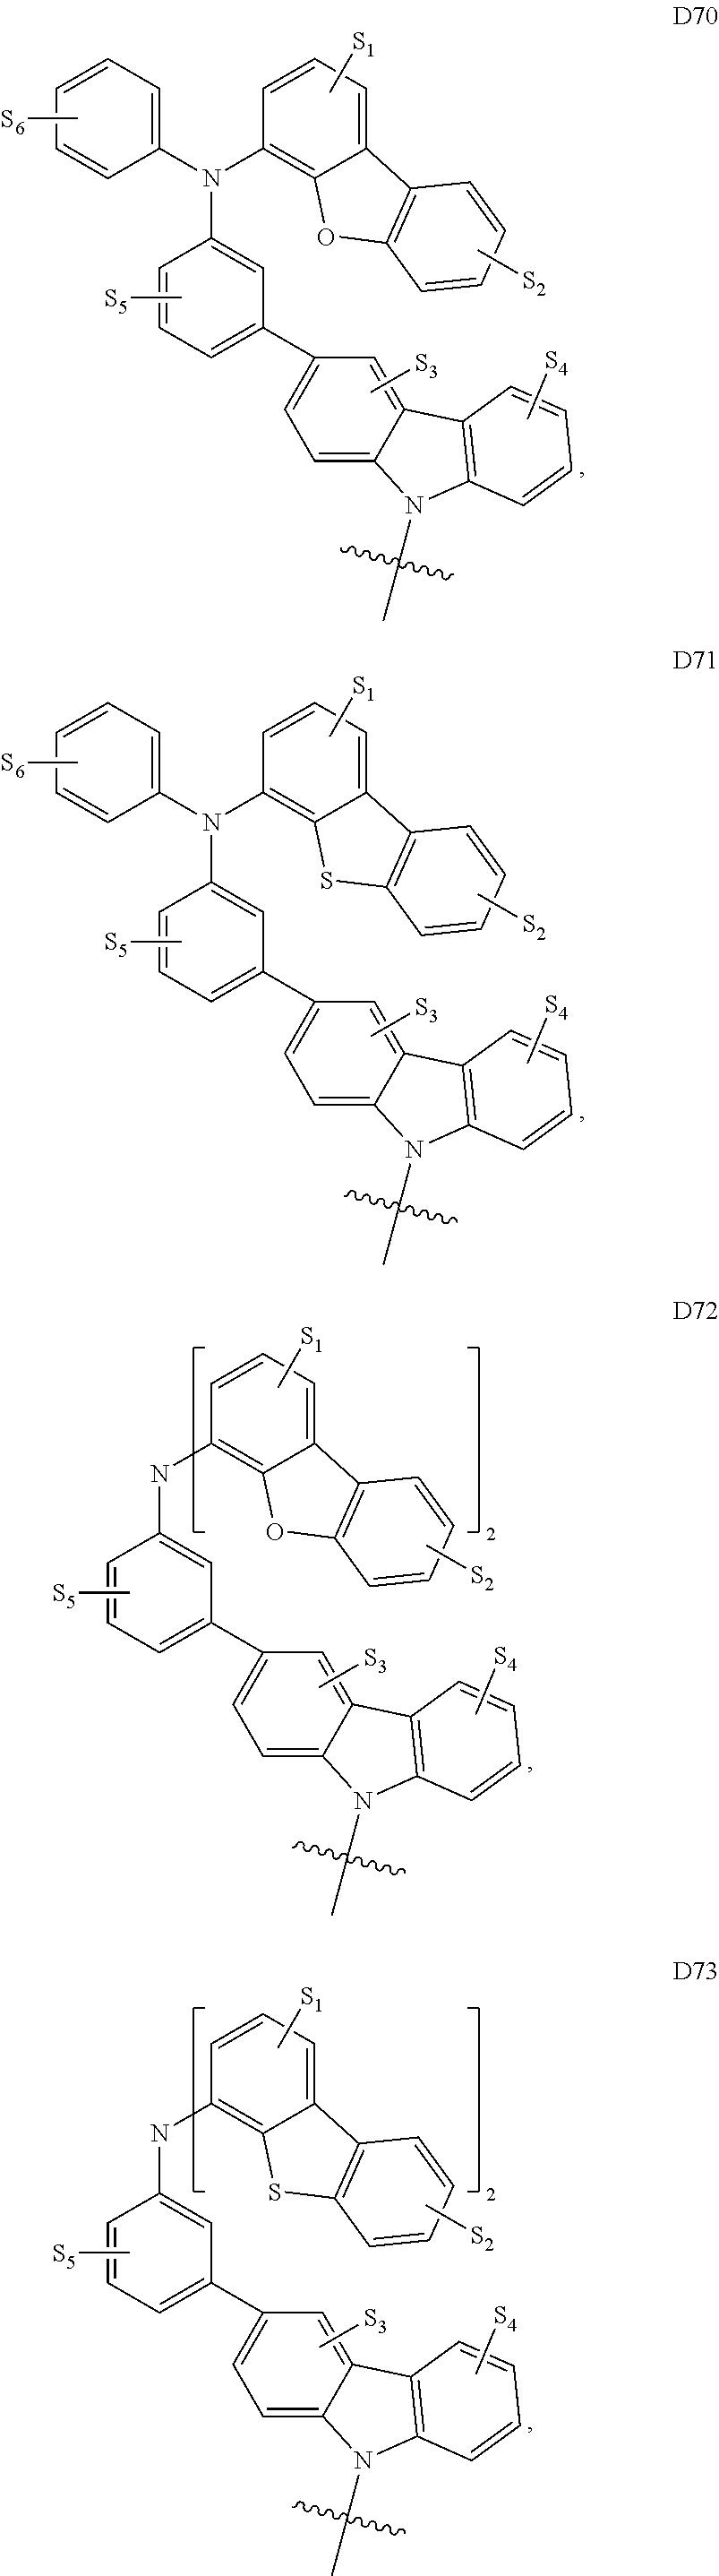 Figure US09537106-20170103-C00140